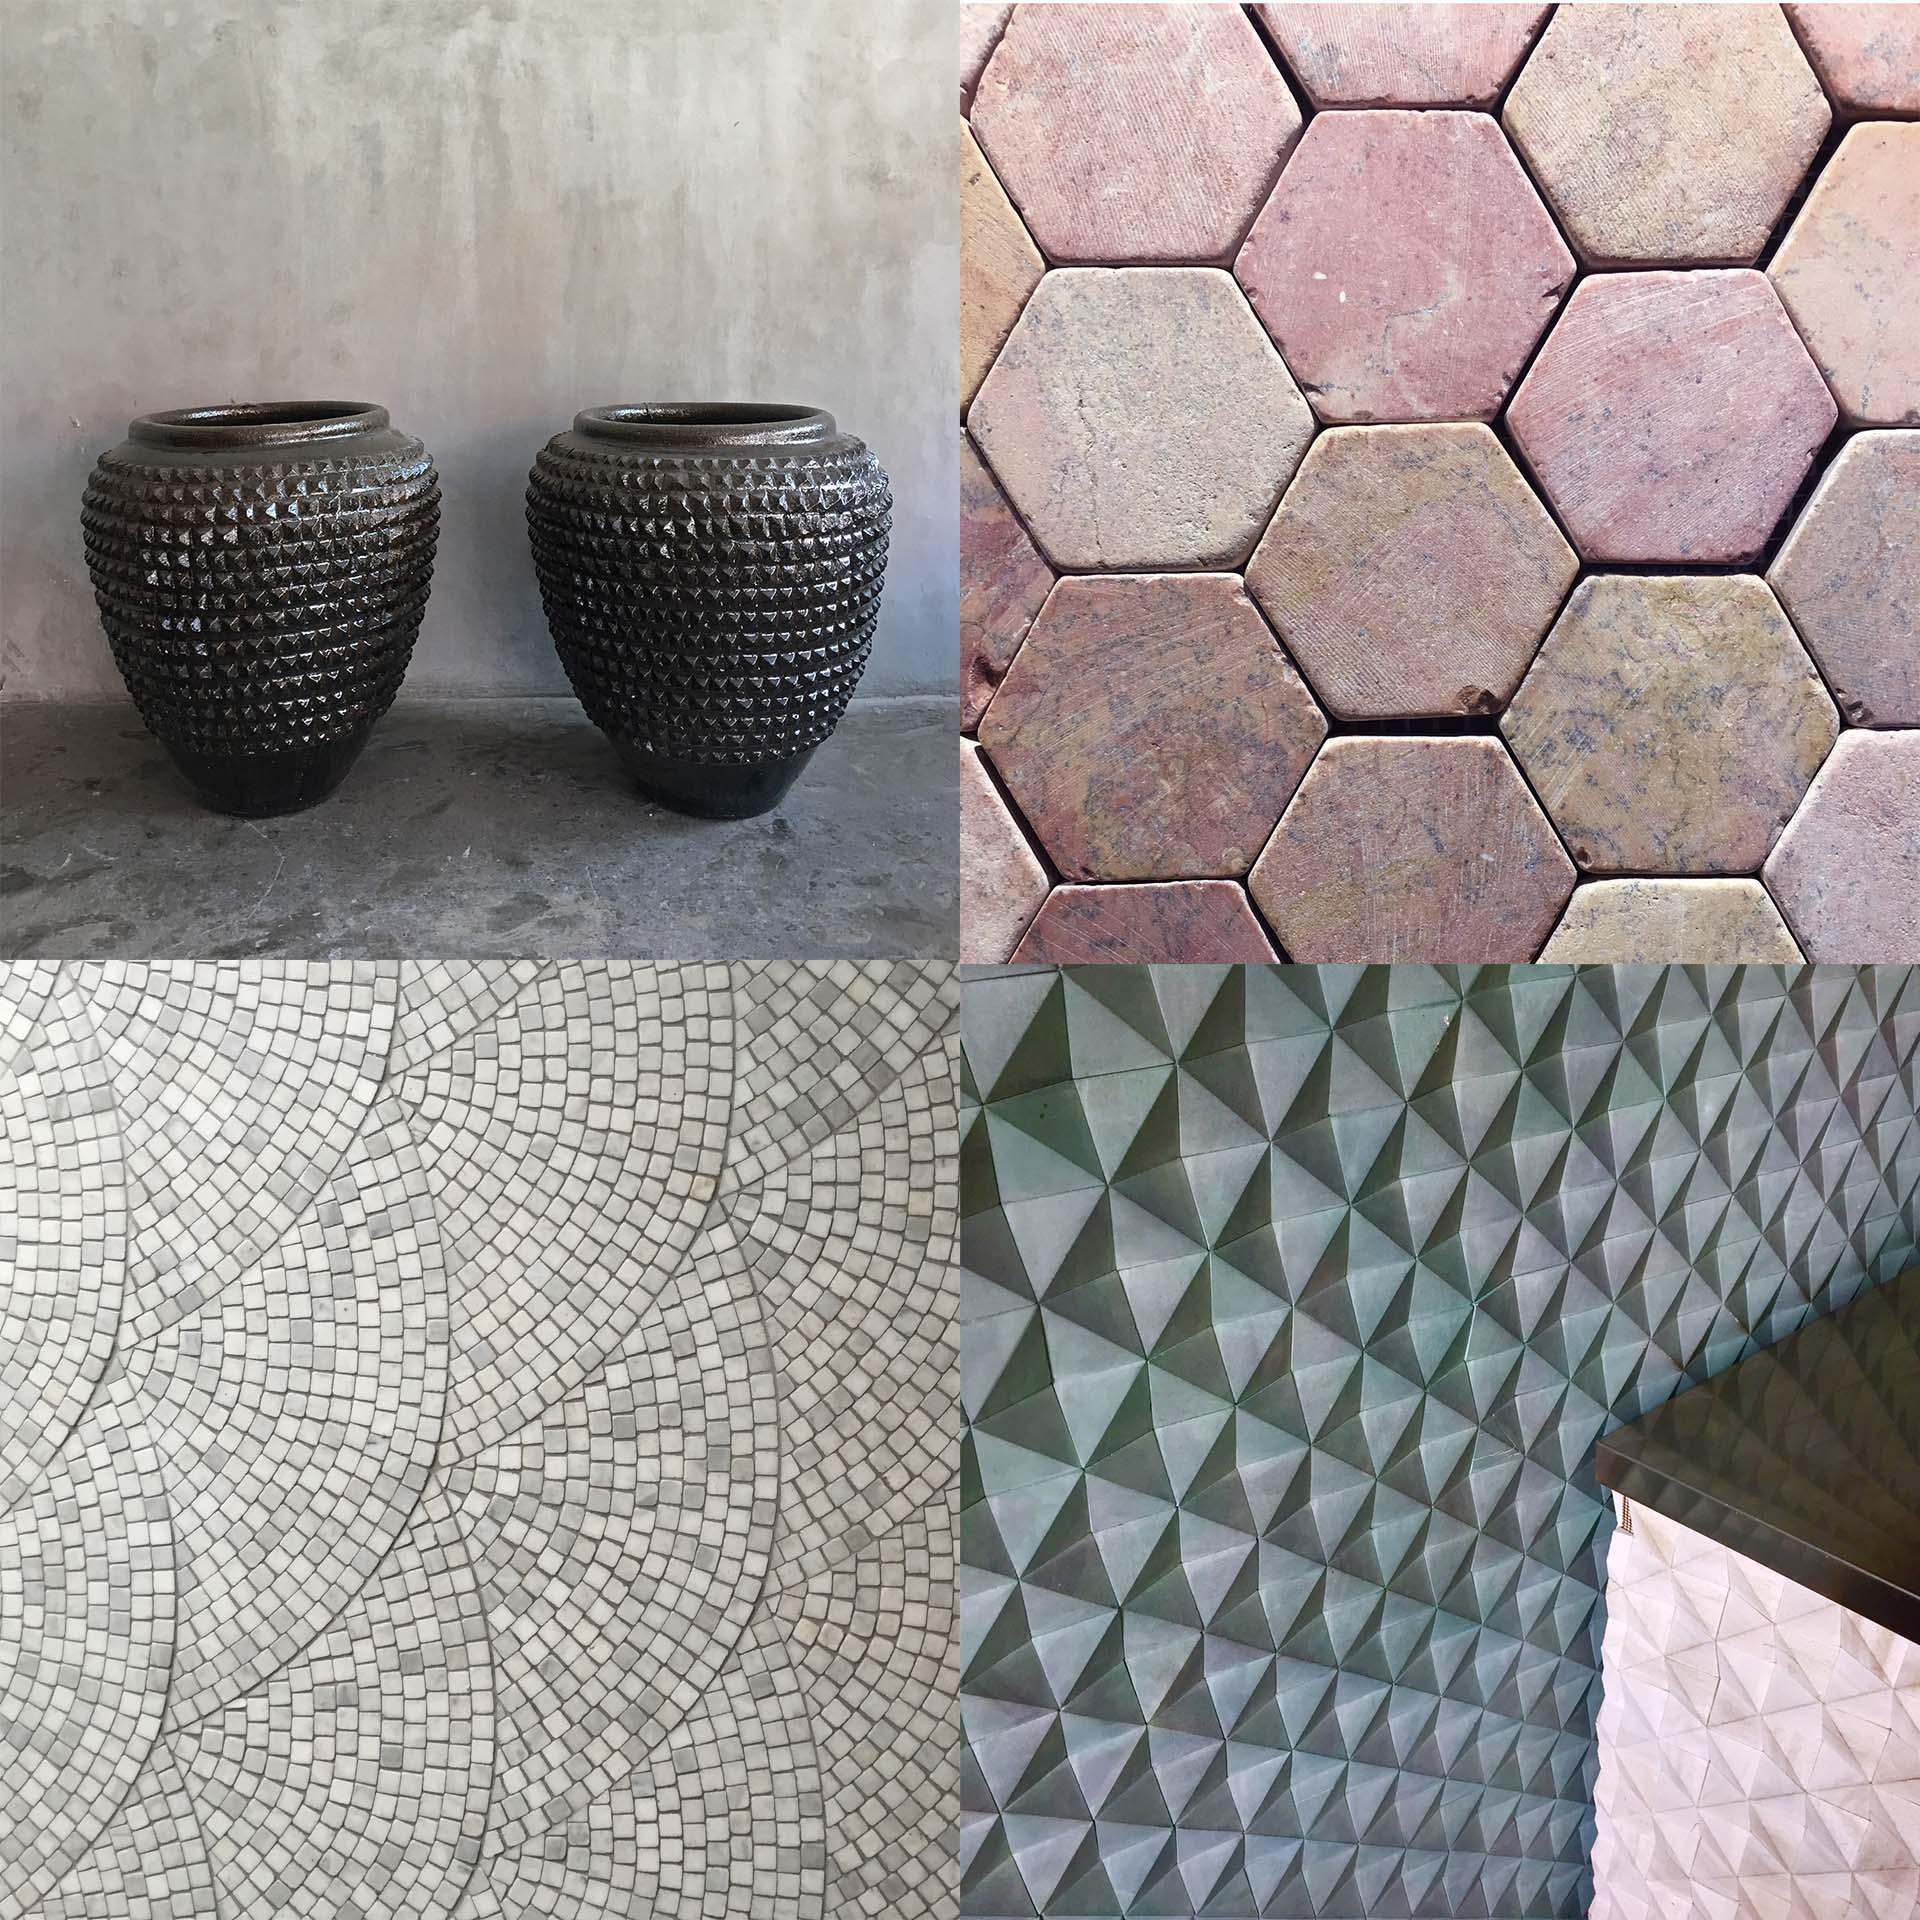 Souq_design_materials_clay_stone_terrazzo